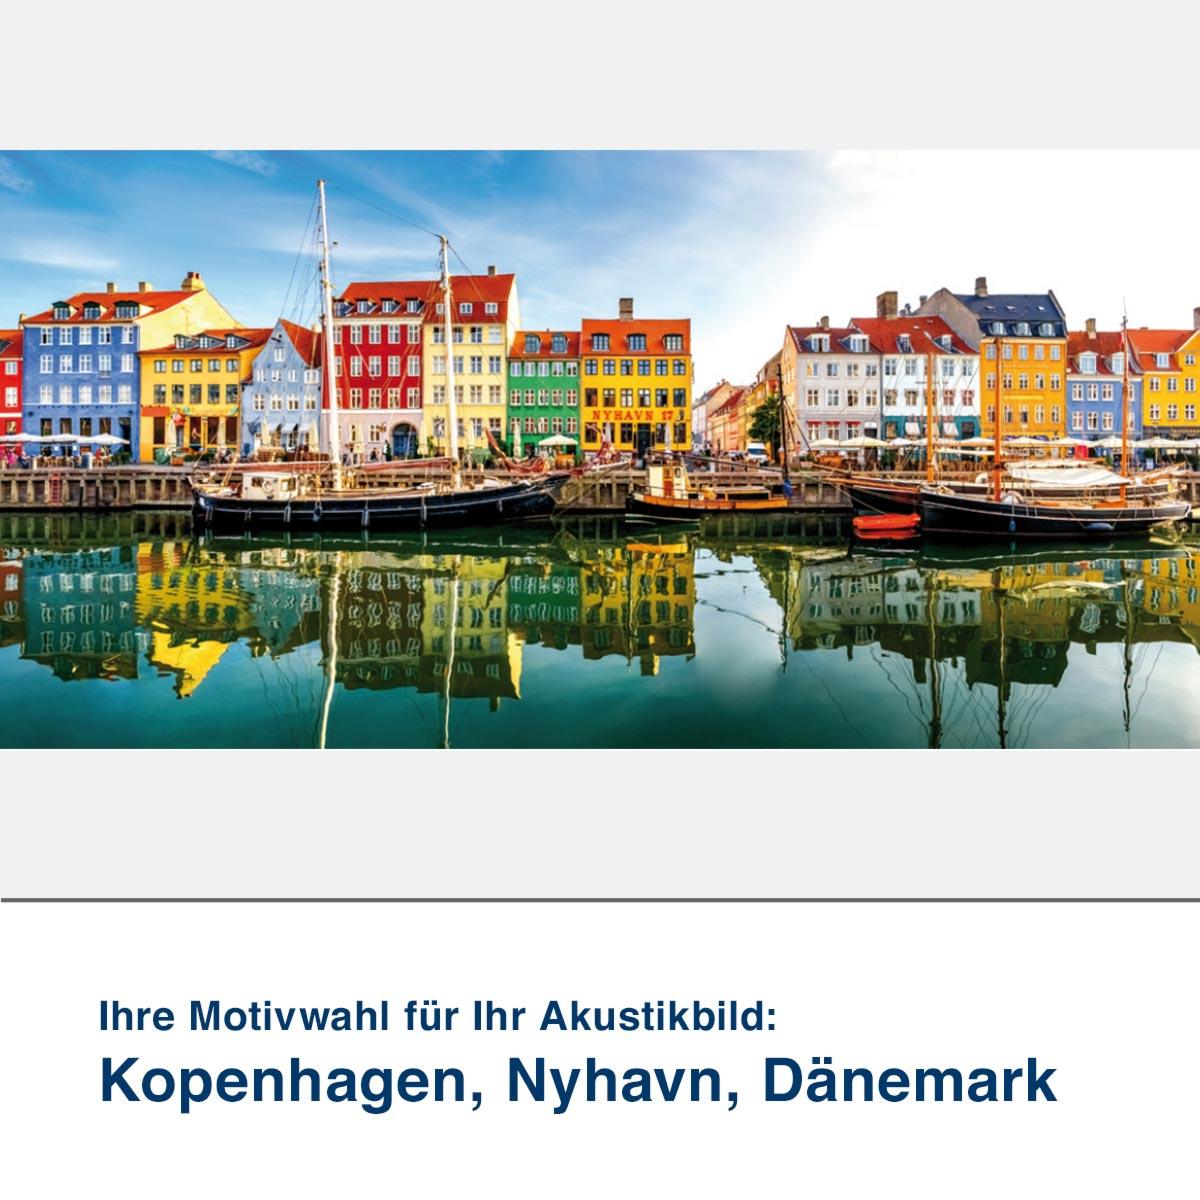 Akustikbild Motiv Kopenhagen, Nyhavn, Dänemark